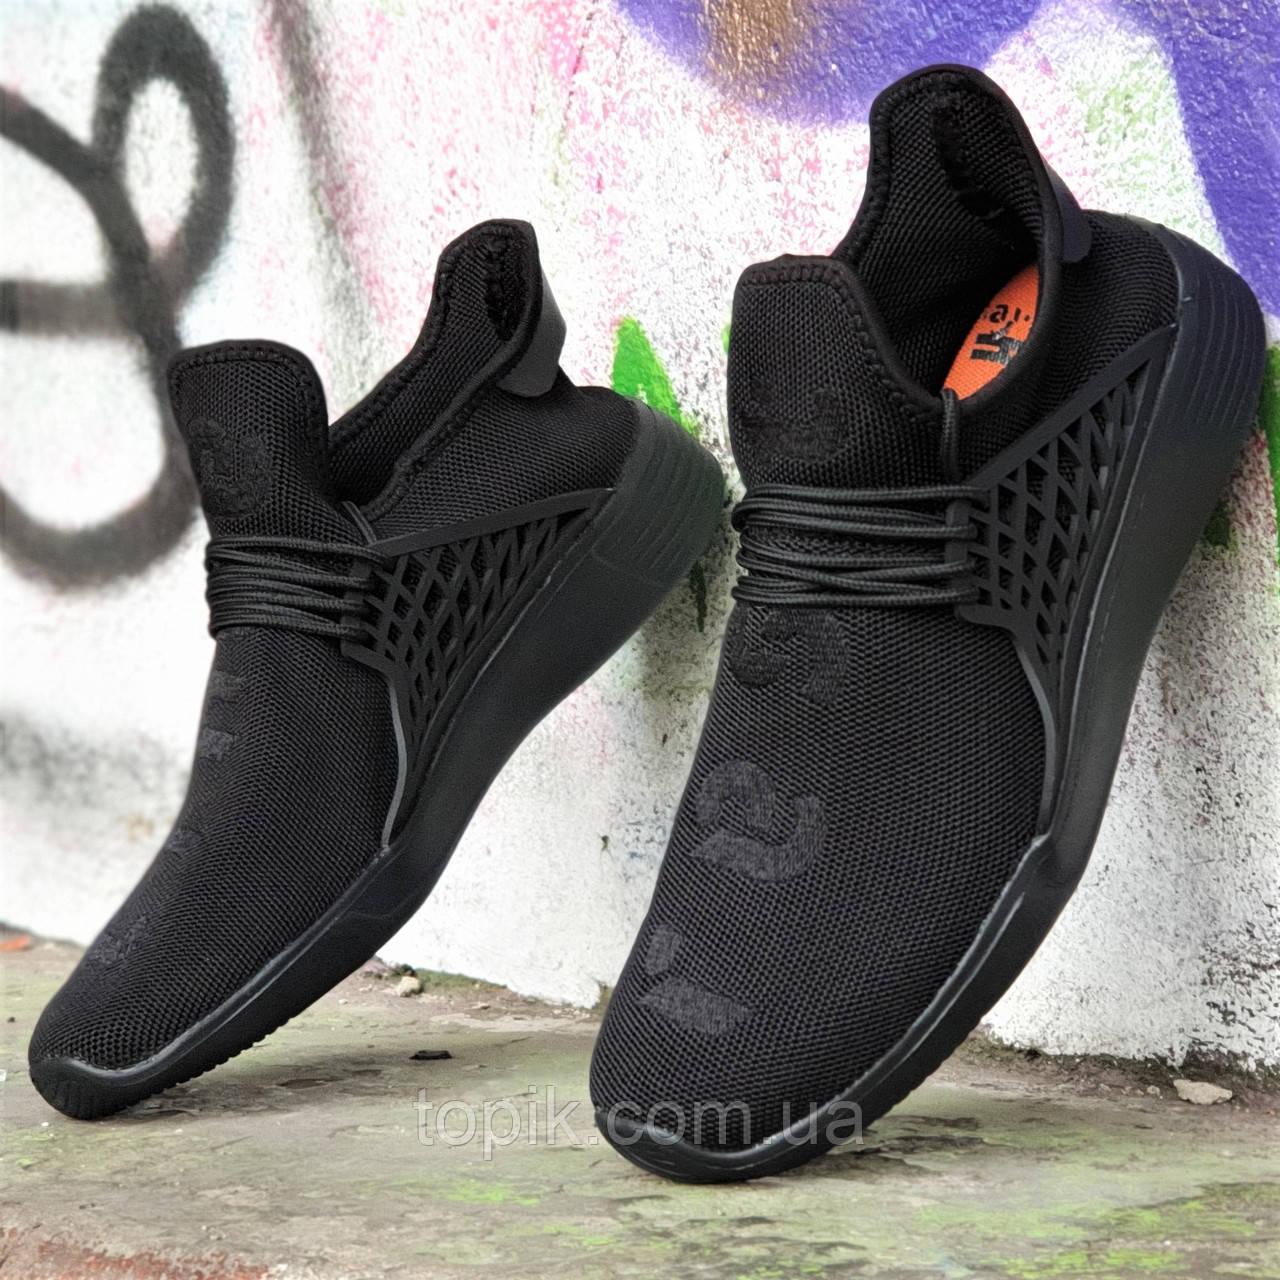 58eb9029 Мужские кроссовки летние (Код: 1383а): купить в интернет-магазине ...